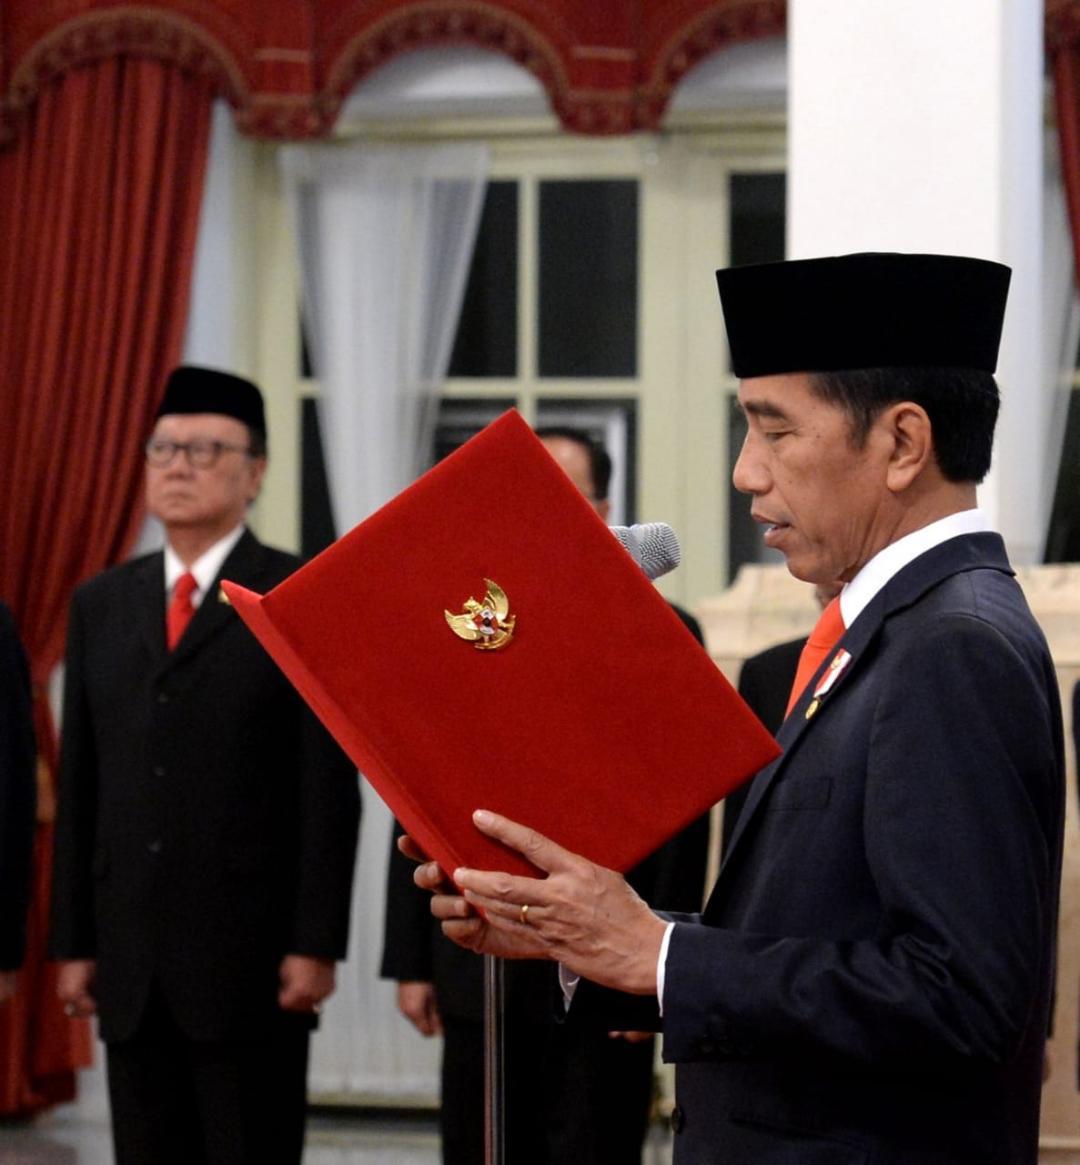 Presiden Jokowi Ajak Legislatif Fleksibel dan Cepat dalam Membuat Regulasi